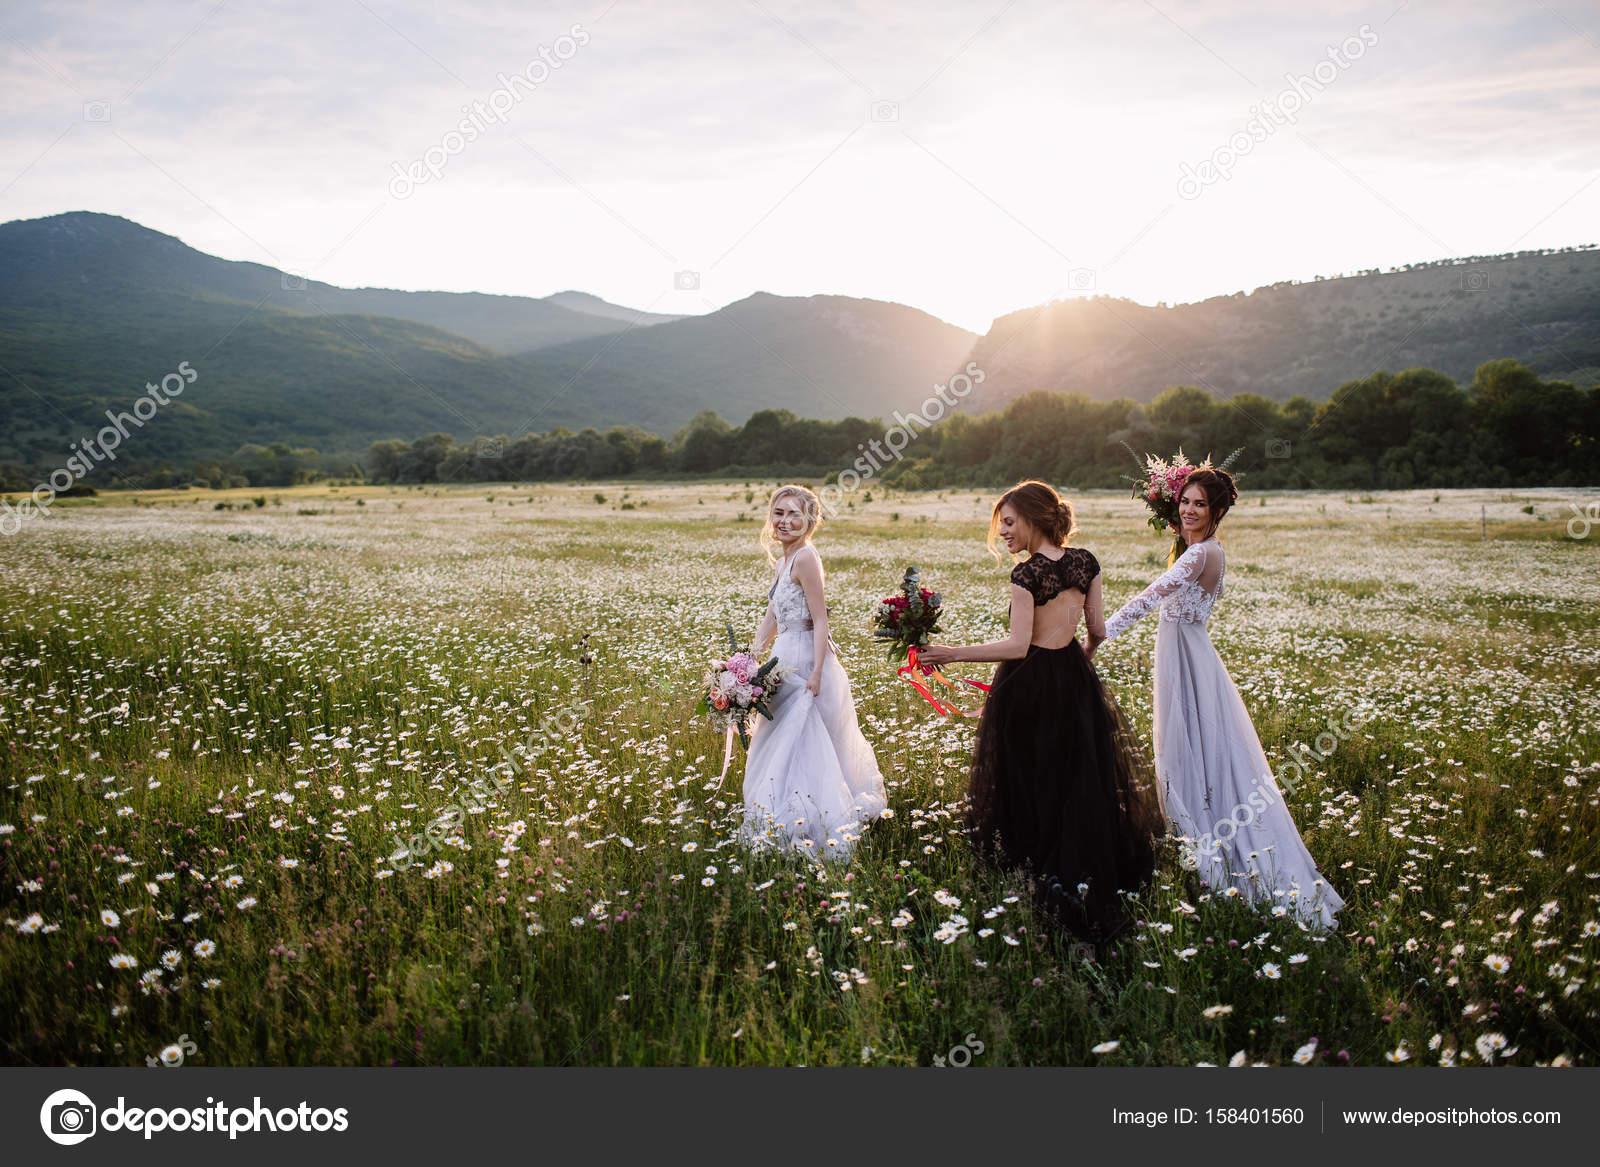 drei schöne Mädchen Brünette und Blonde, braunhaarige Frau genießen ...